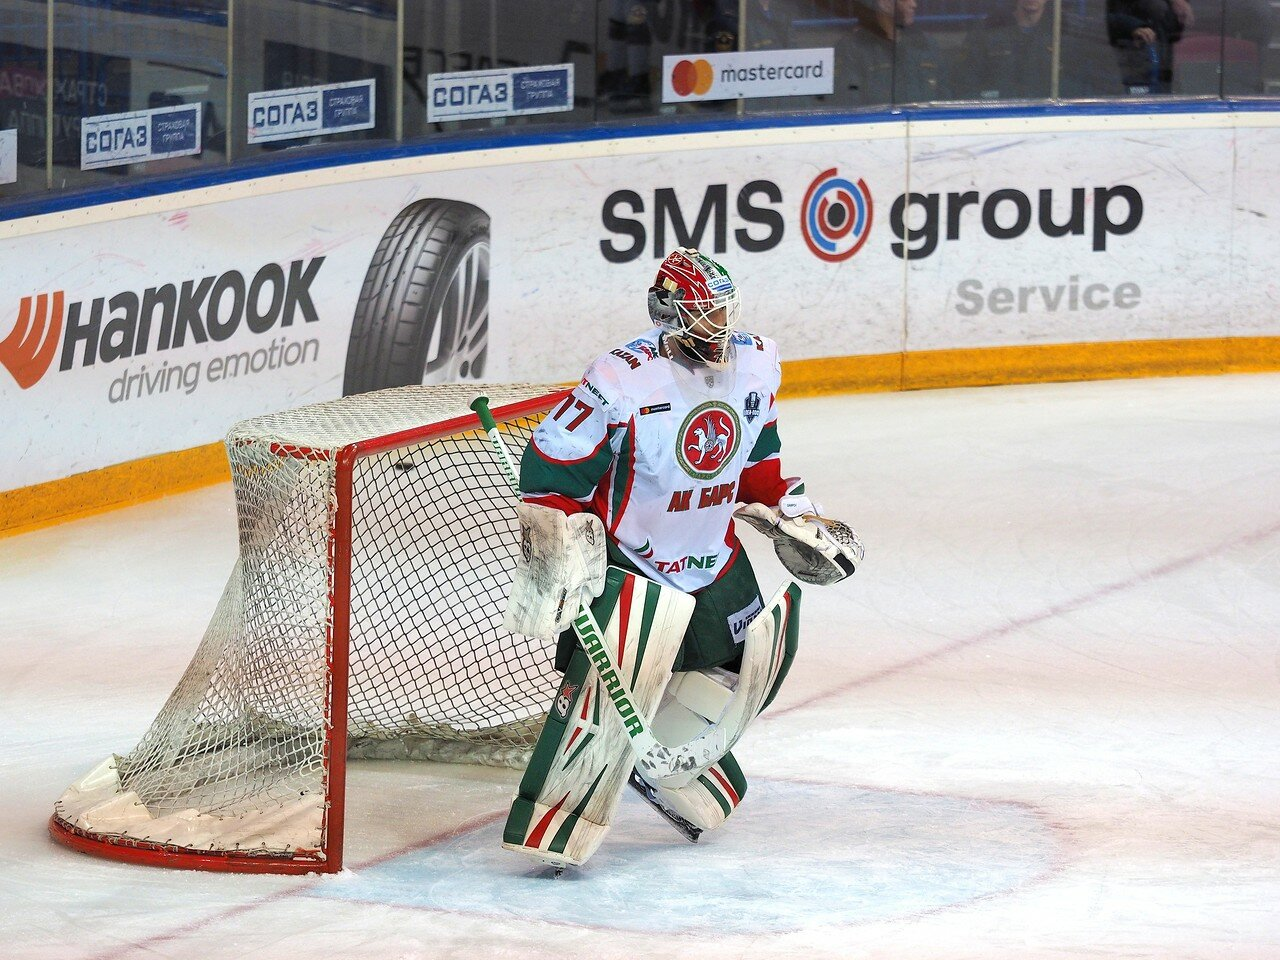 18 Первая игра финала плей-офф восточной конференции 2017 Металлург - АкБарс 24.03.2017